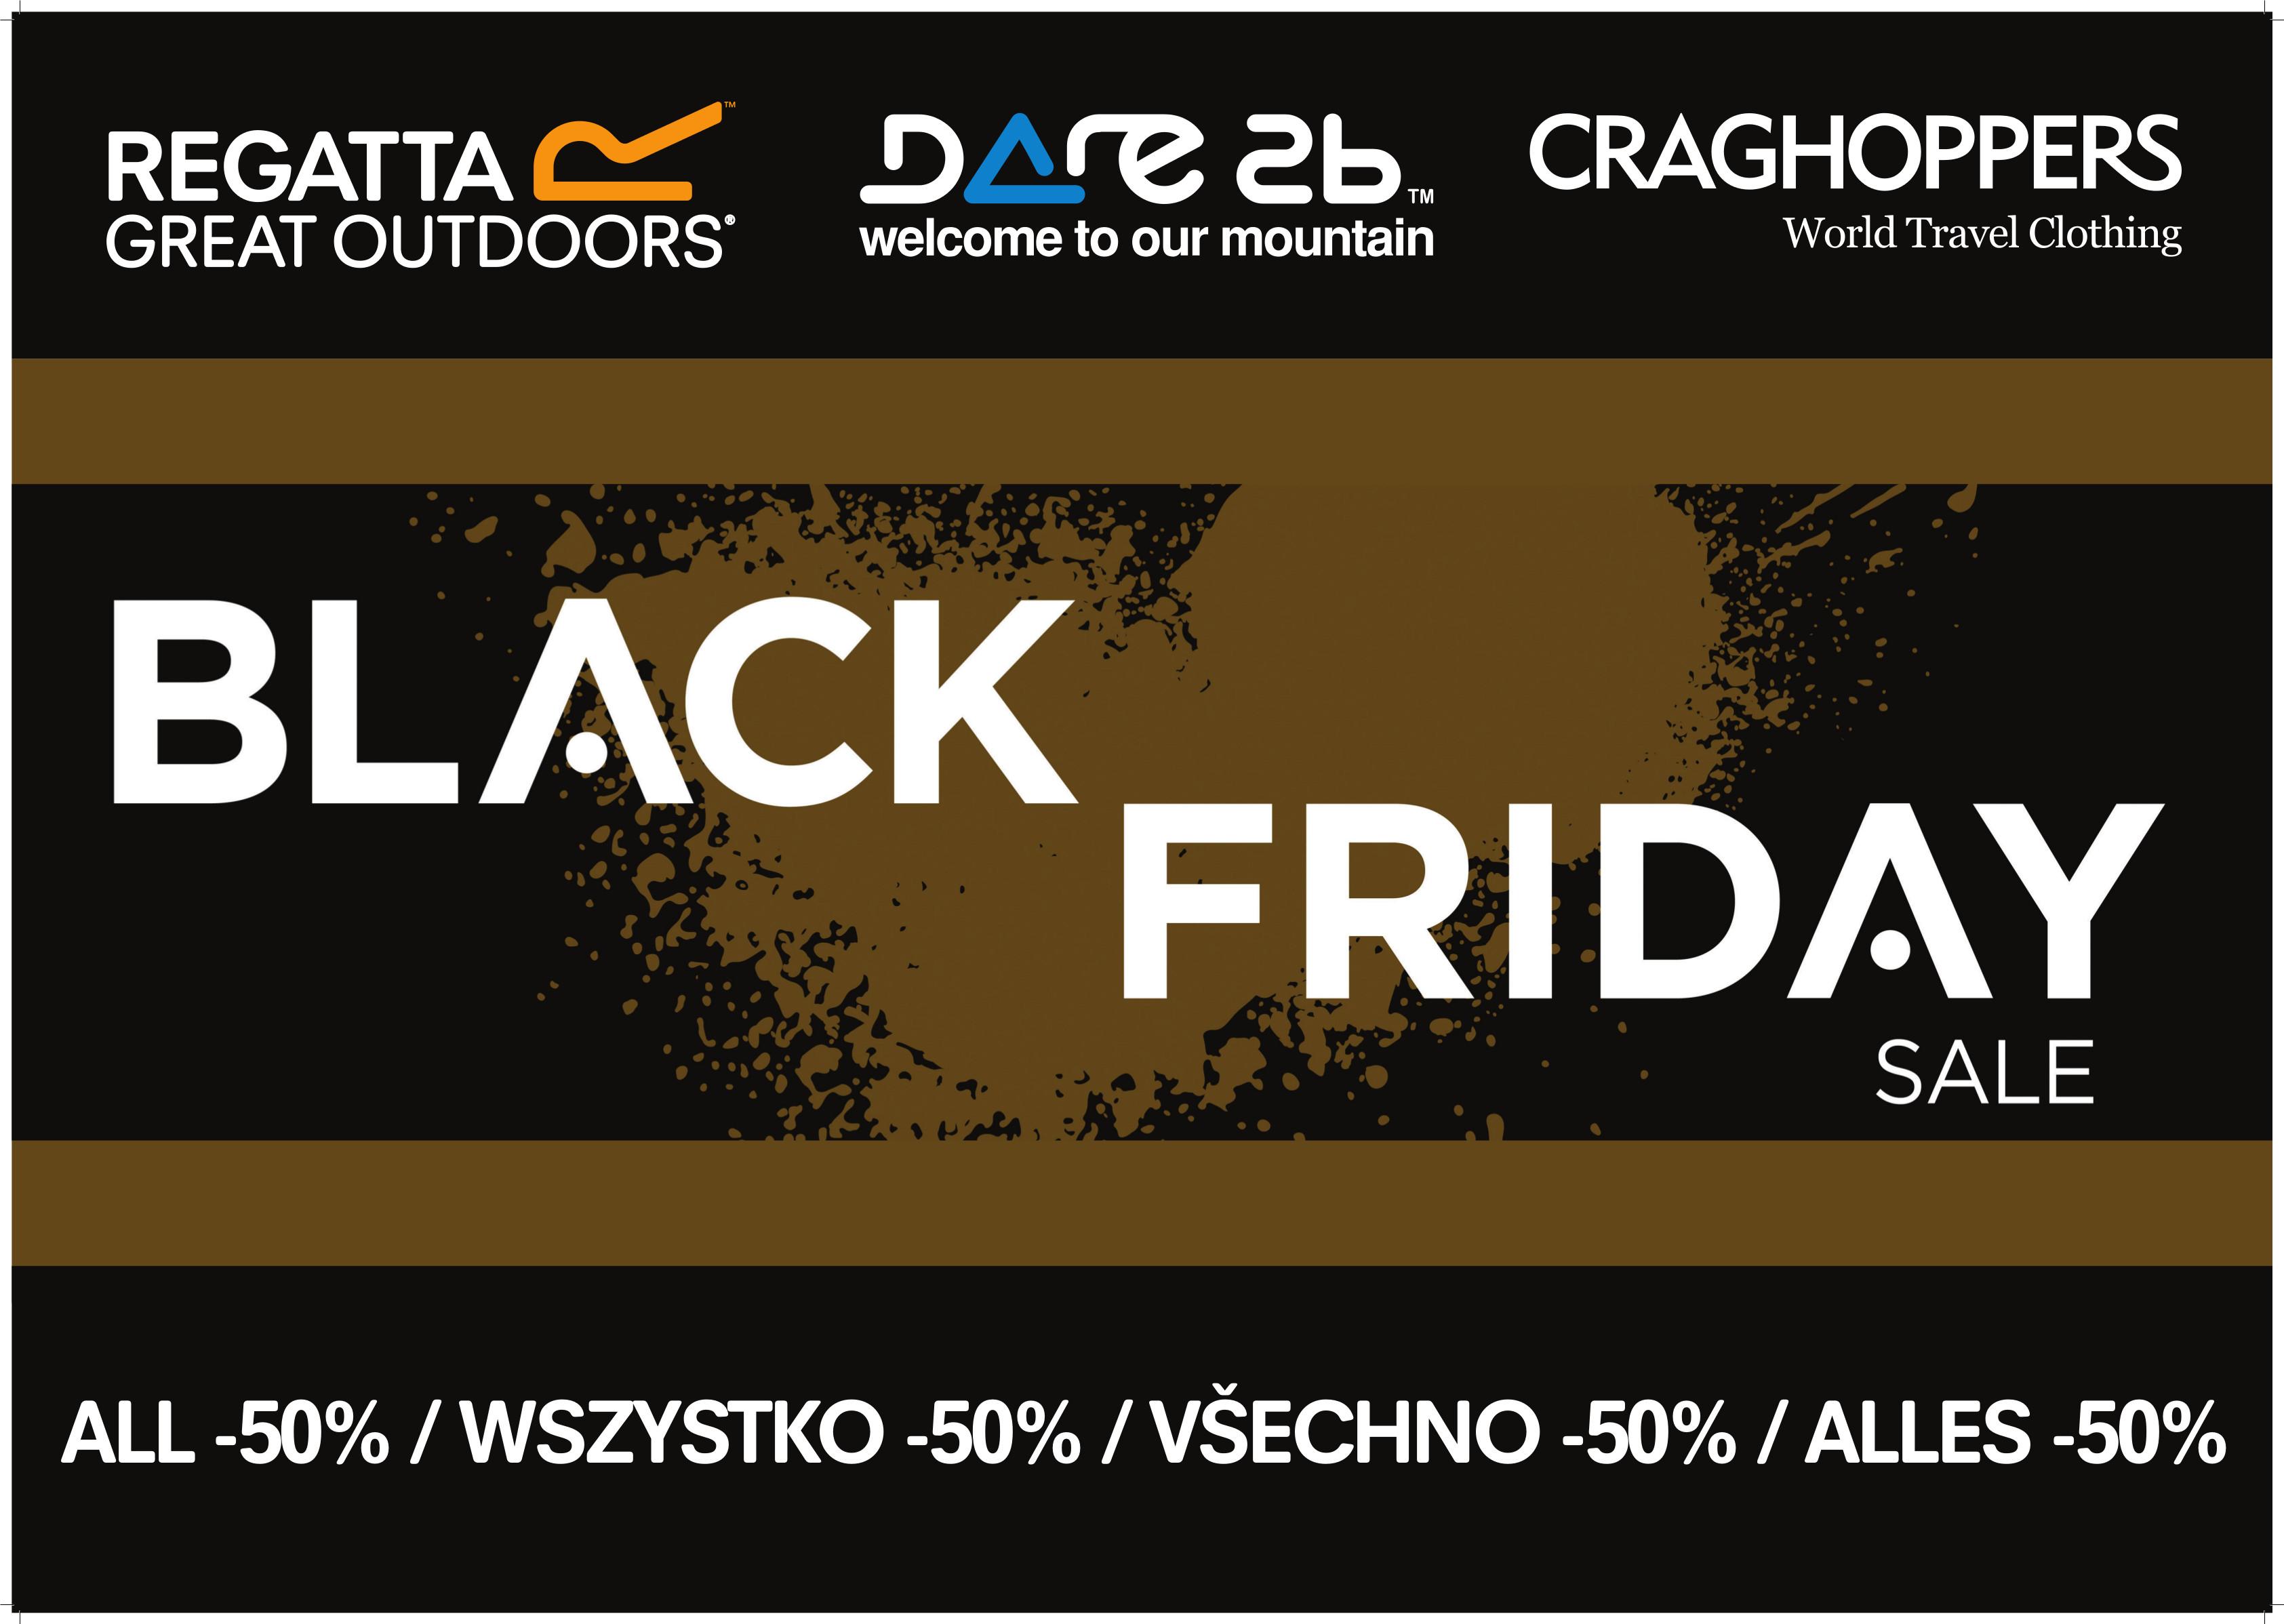 [Black Friday] Wszystko -50% plus darmowa wysyłka @ Regatta